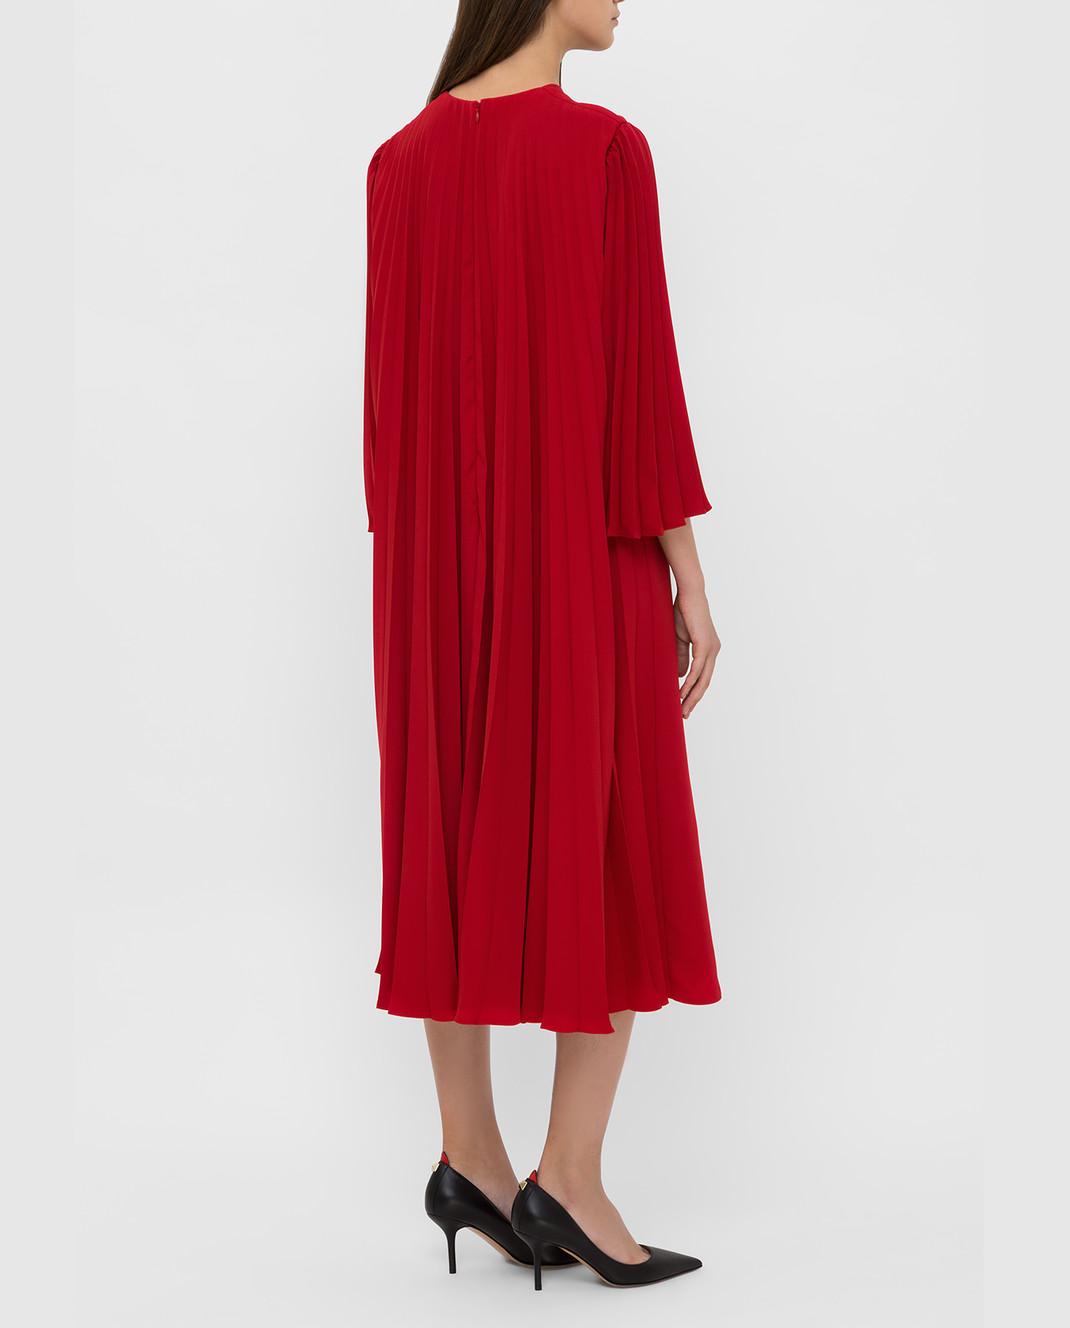 Valentino Красное платье SB3VAN104NK изображение 4